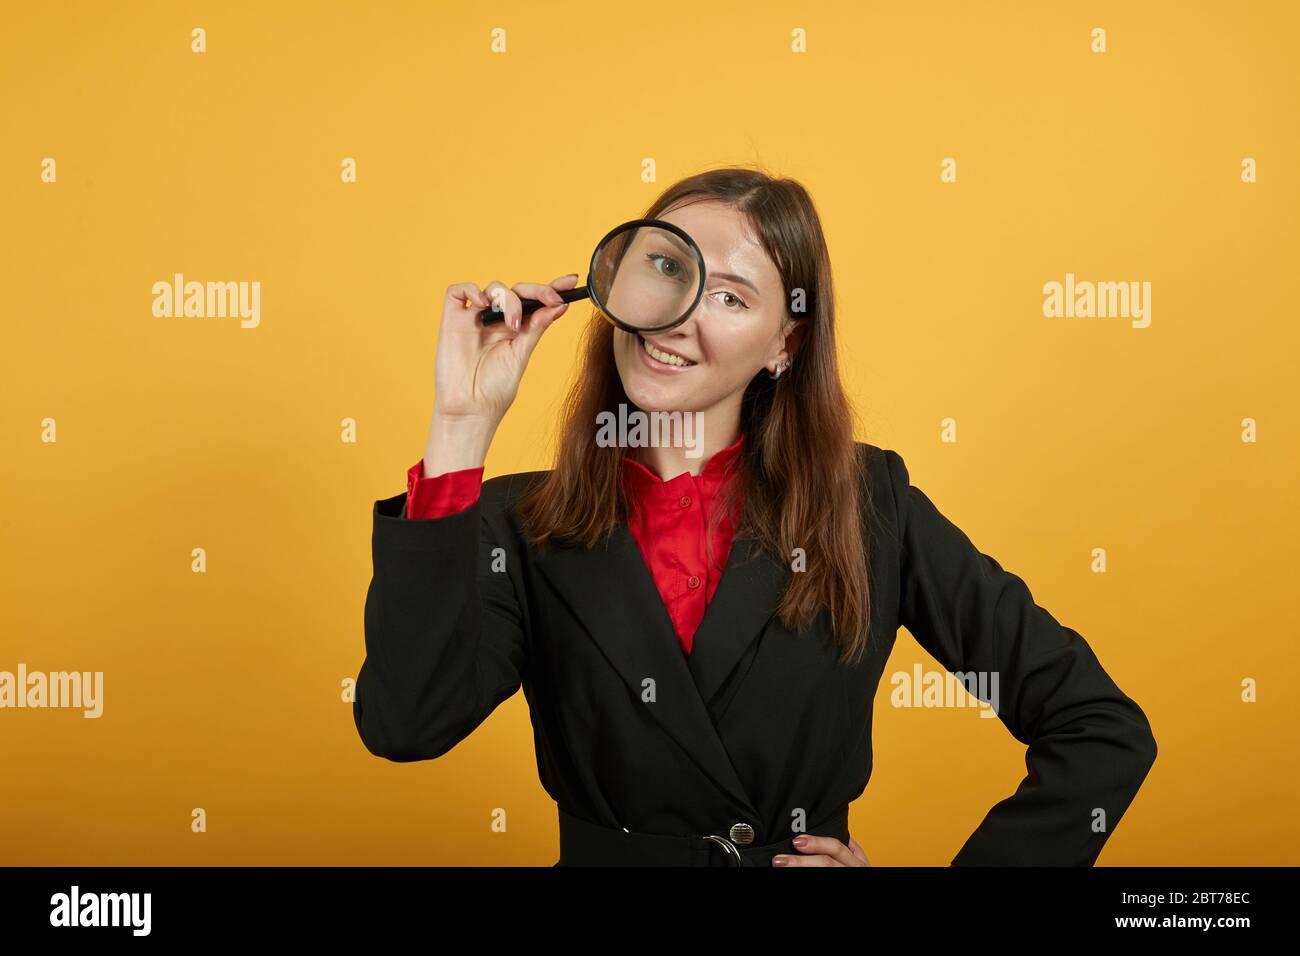 Femme souriante tient la loupe à la main et regarde avec l'œil. Scientifique Banque D'Images